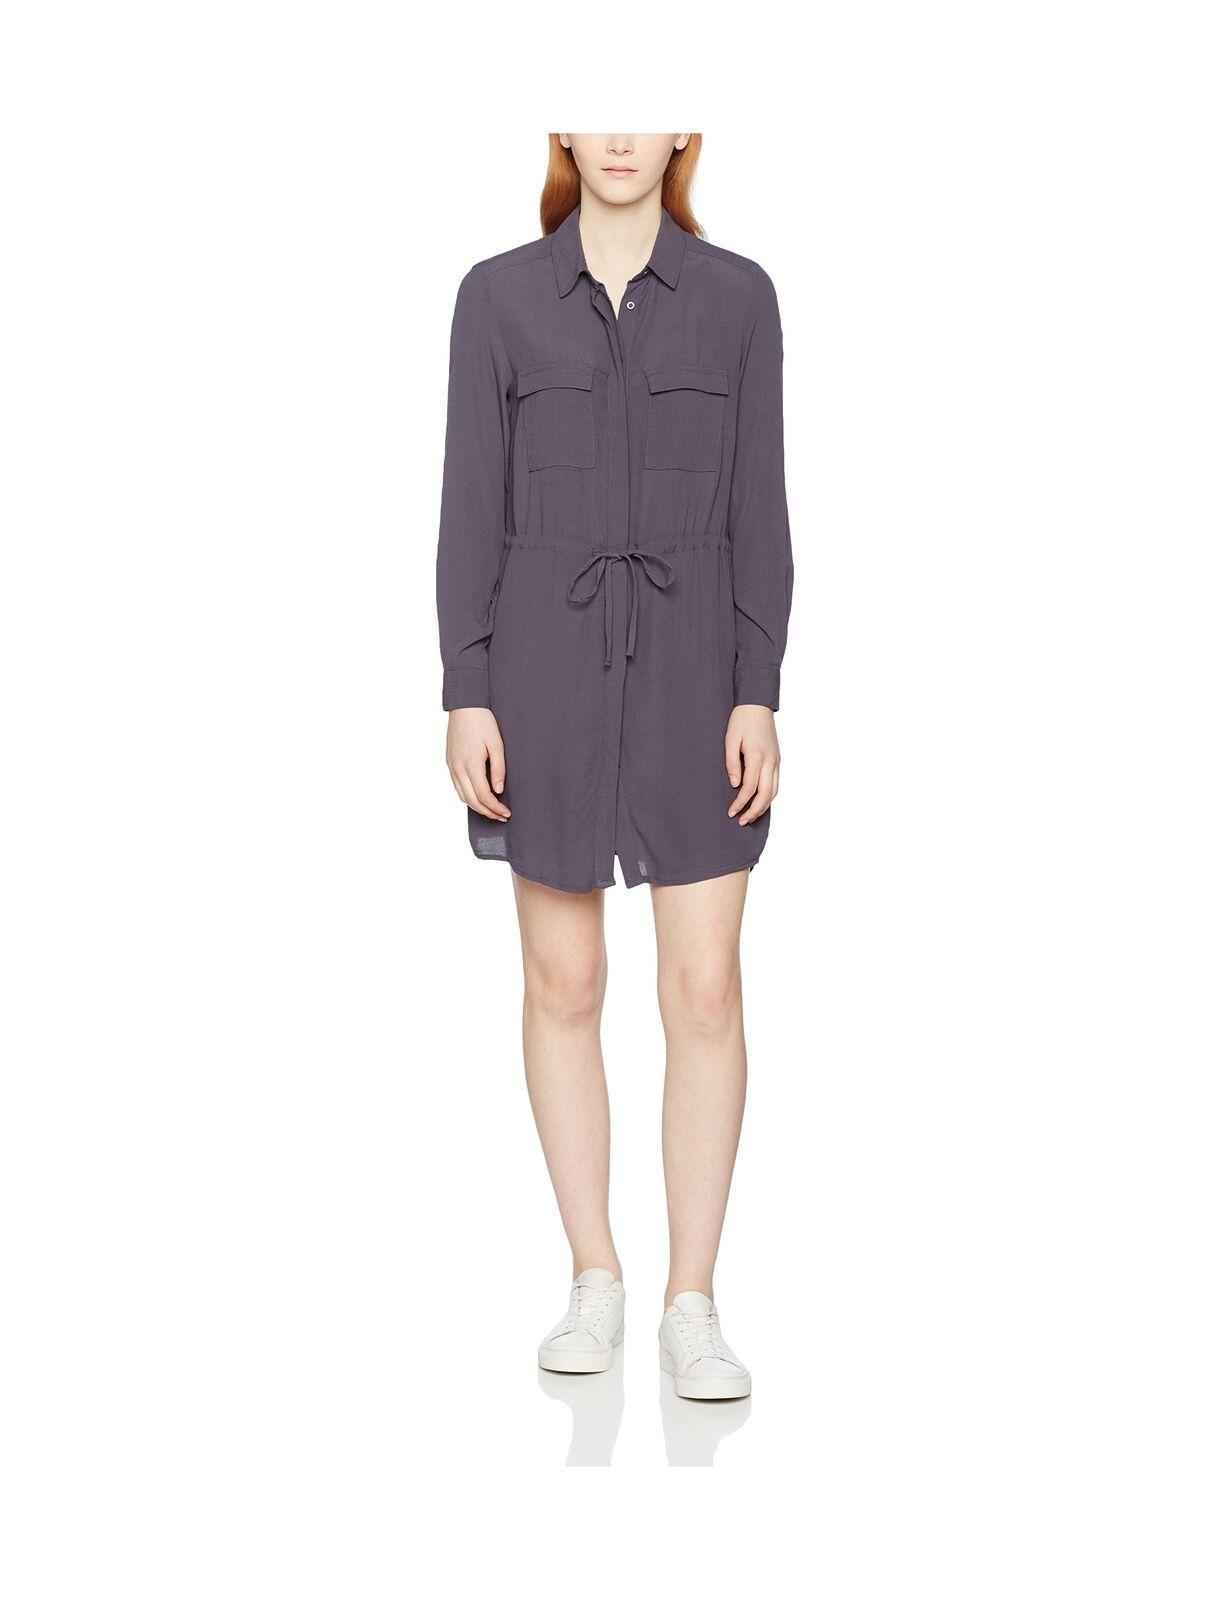 New Look Women's Utility Draw Cord Dress Grey (Dark Grey) 10